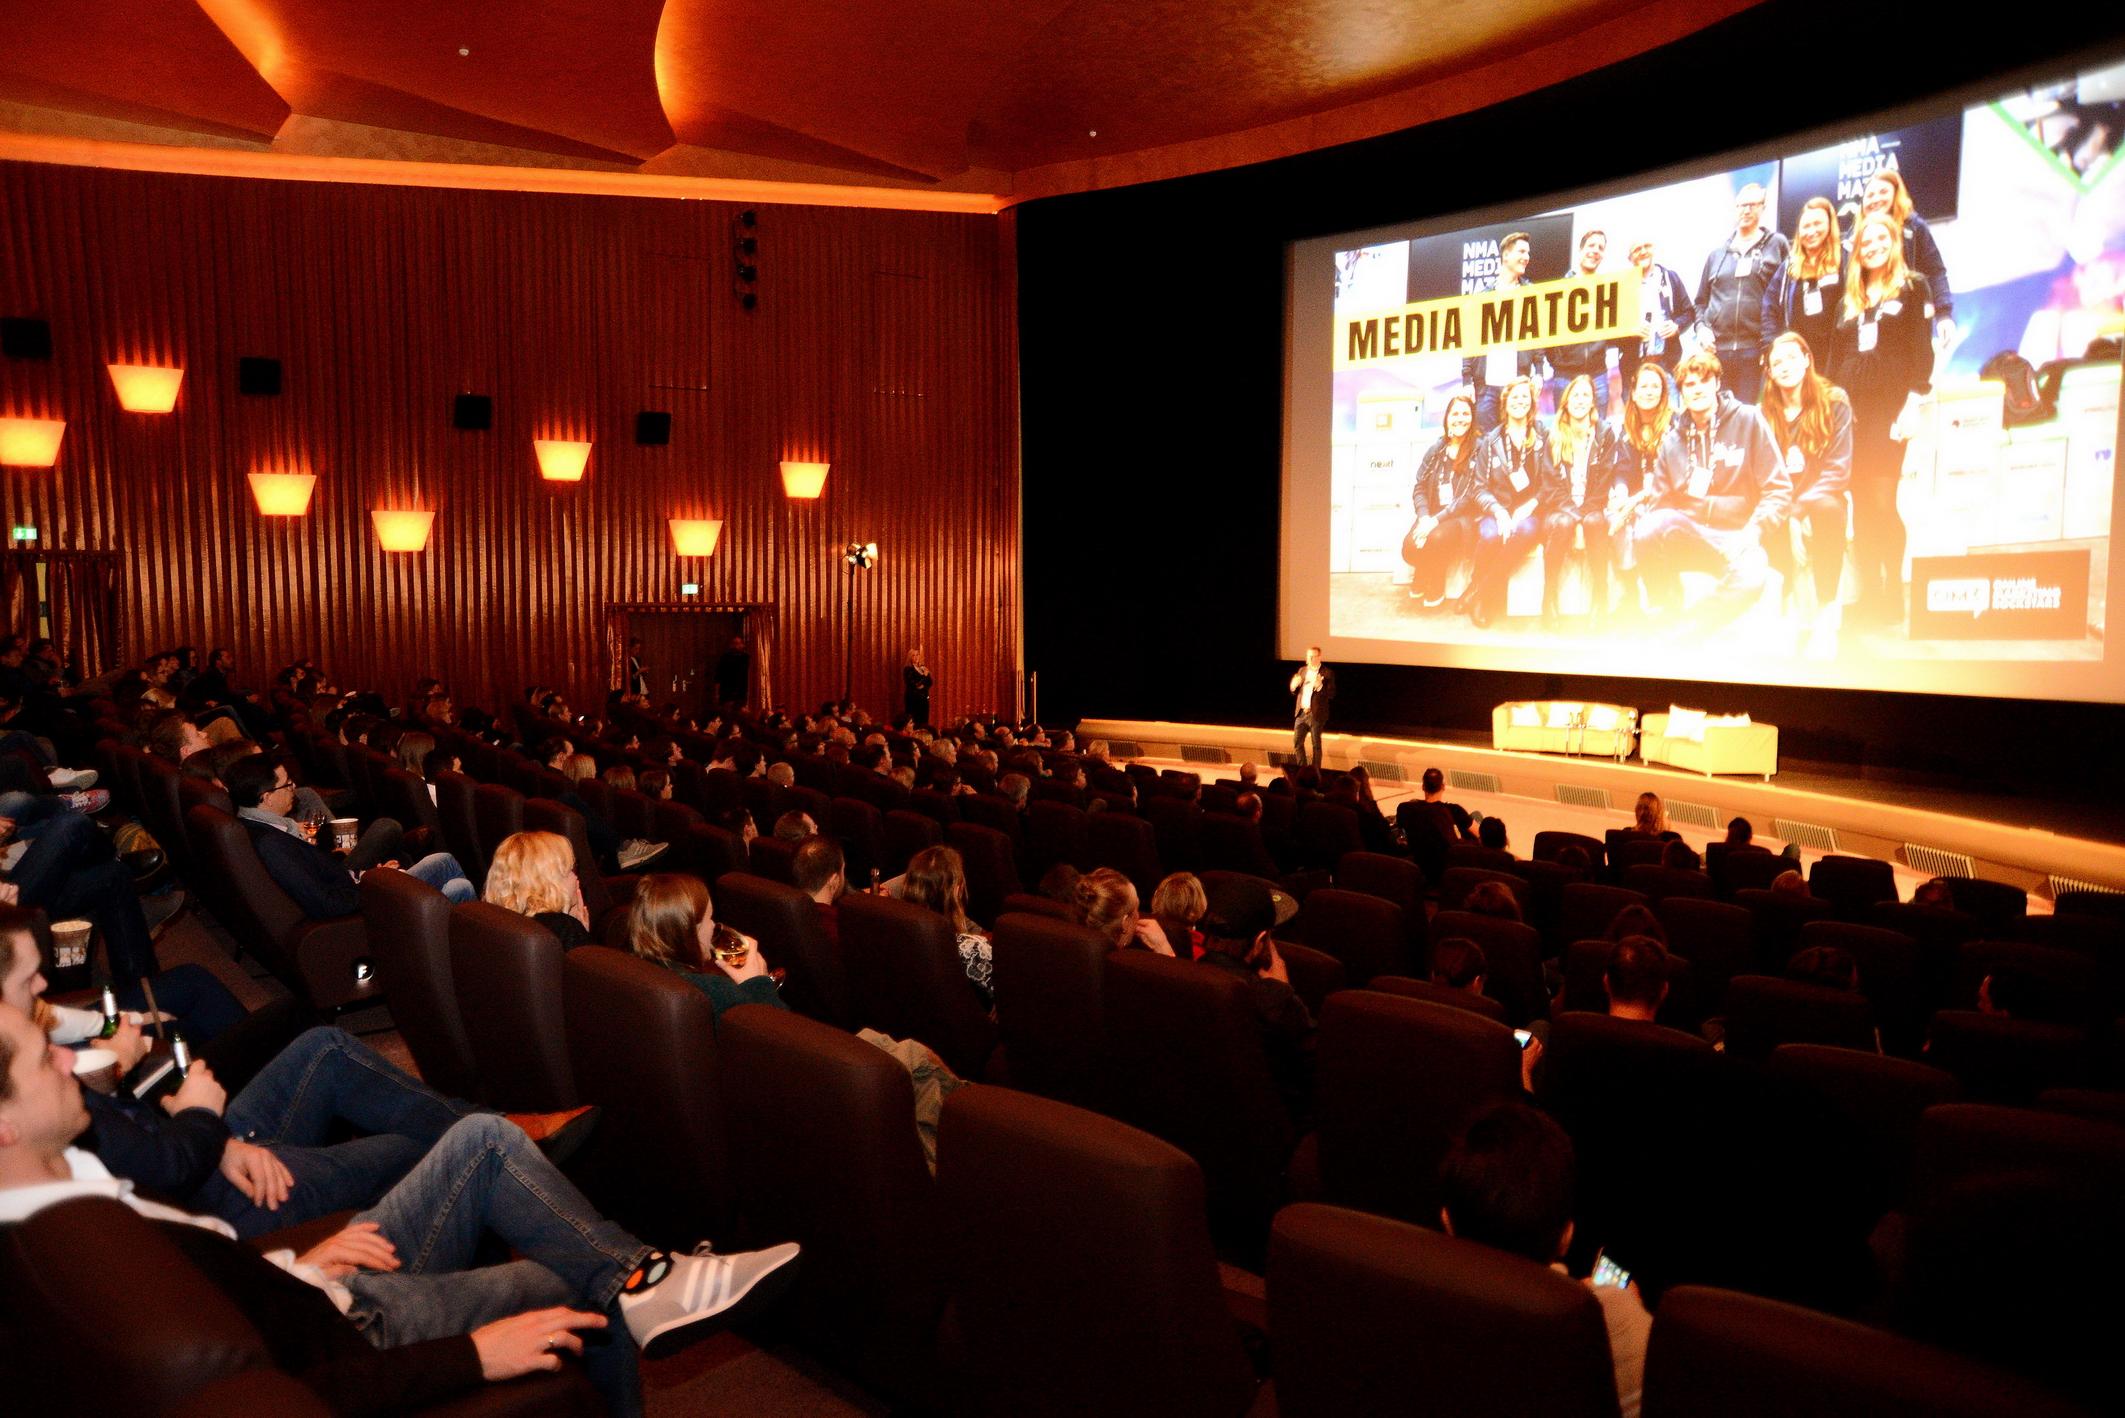 Foto: Michael B. Rehders Das Savoy Filmtheater war gut gefüllt. Anstatt der hier üblicherweise projizierten spannenden Blockbuster, gab es hilfreiche und wissenswerte Vorträge, die nicht minder spannend waren.